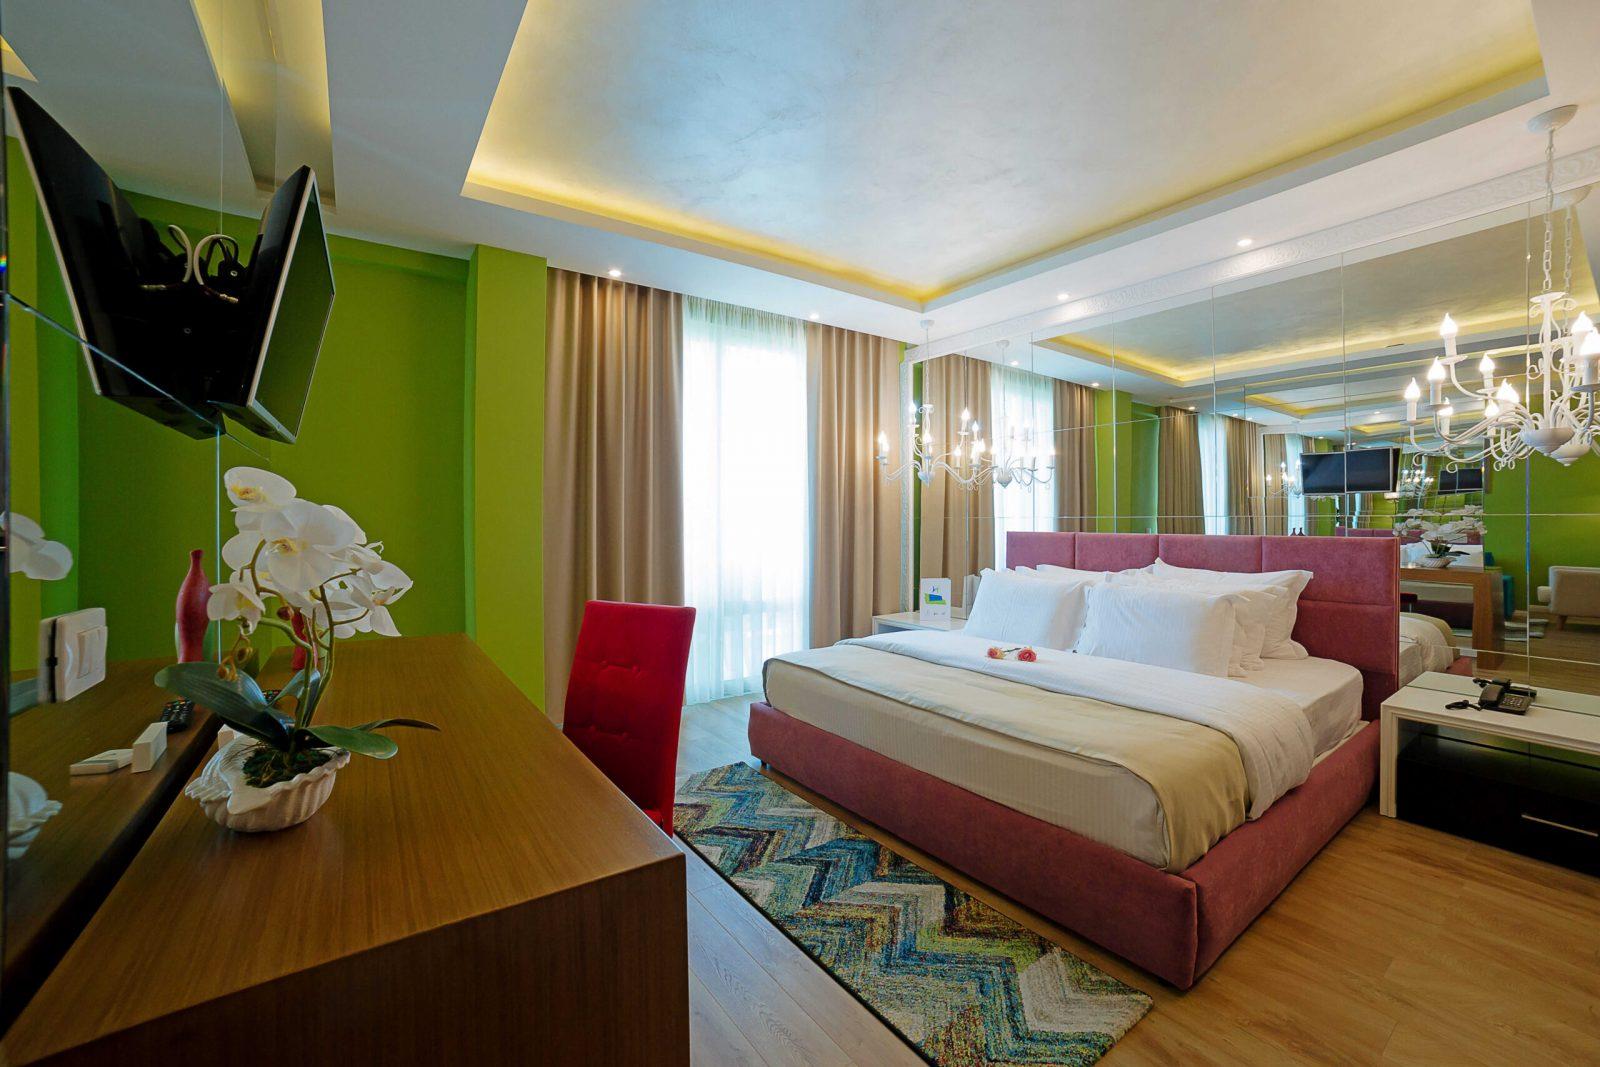 Letovanje Albanija autobusom, Drač, Hotel Albanian Star, soba sa francuskim ležajem